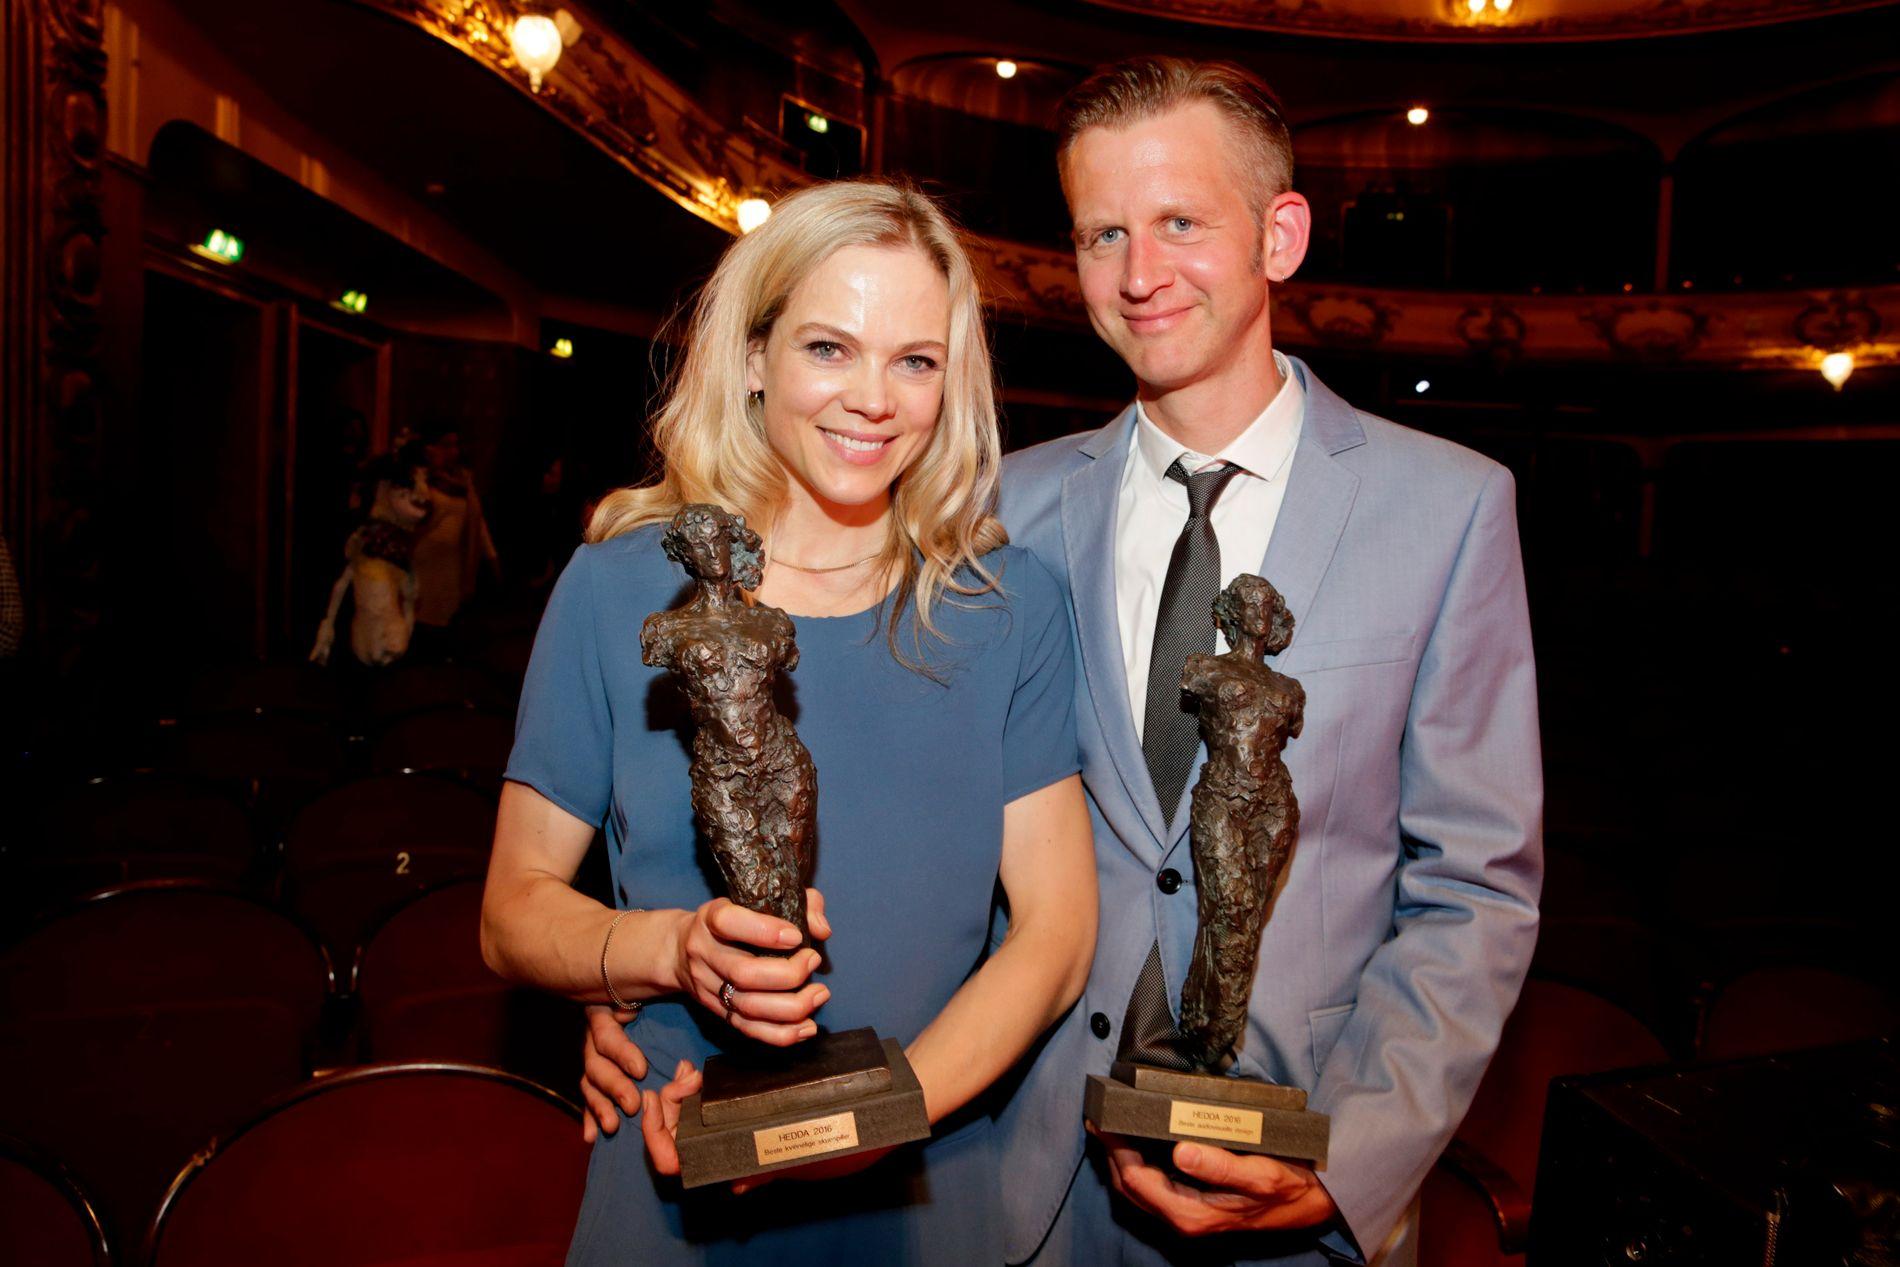 HVER SIN PRIS: Ane Dahl Torp med Heddaprisen 2016 i kategorien «Beste kvinnelige skuespiller» og ektemannen Sjur Miljeteig med prisen i kategorien «Beste audiovisuell design» etter prisutdelingen på Nationaltheatret i Oslo søndag.